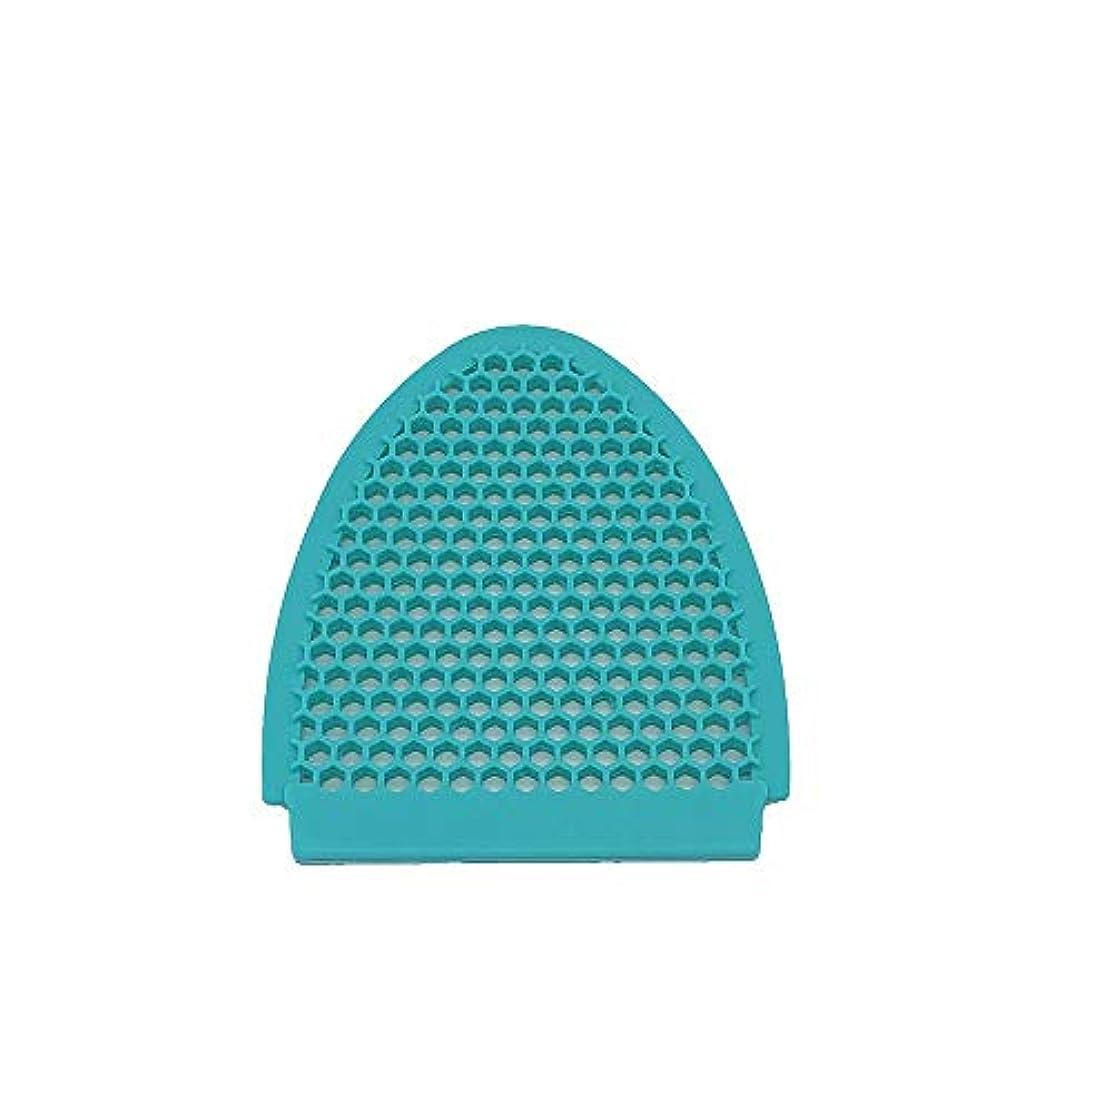 多数のアソシエイトマーキー5個セット シリコンブラシ シリコンスポンジ 洗顔 体洗い 多機能 角質除去 毛穴清潔 洗顔用フェイスブラシ (Color : Green)